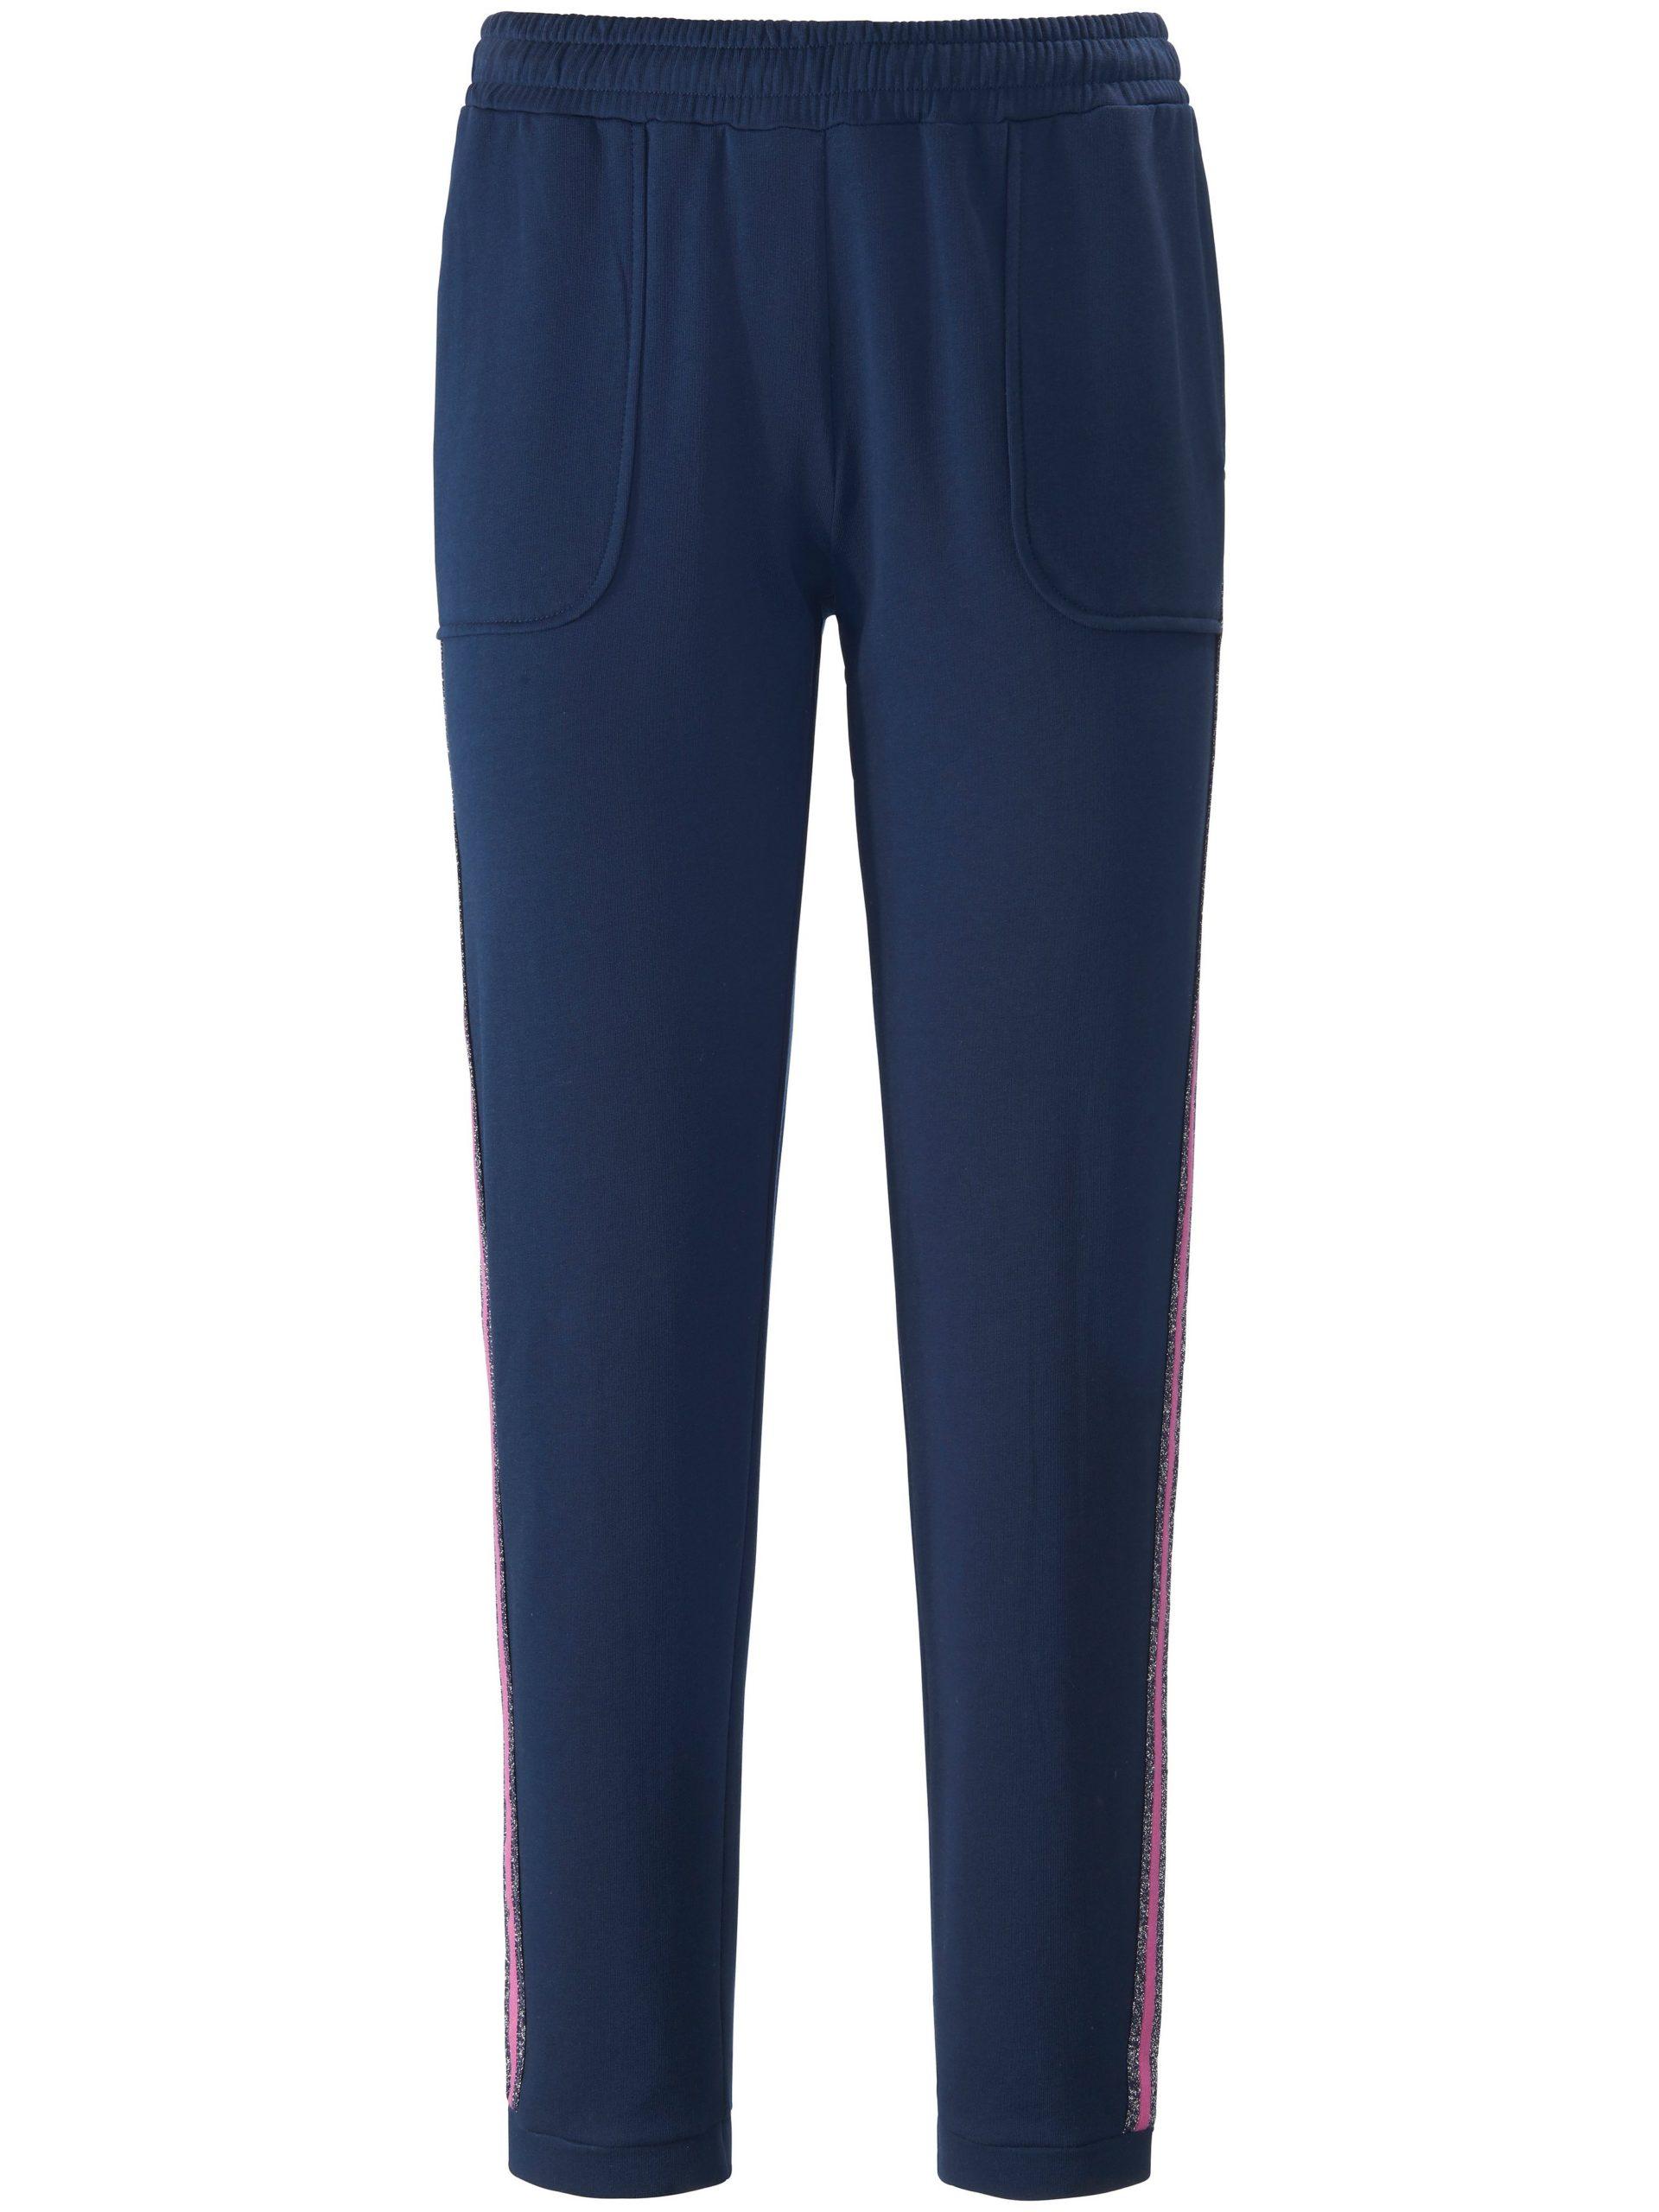 Enkellange sweatbroek met elastische band Van MYBC blauw Kopen